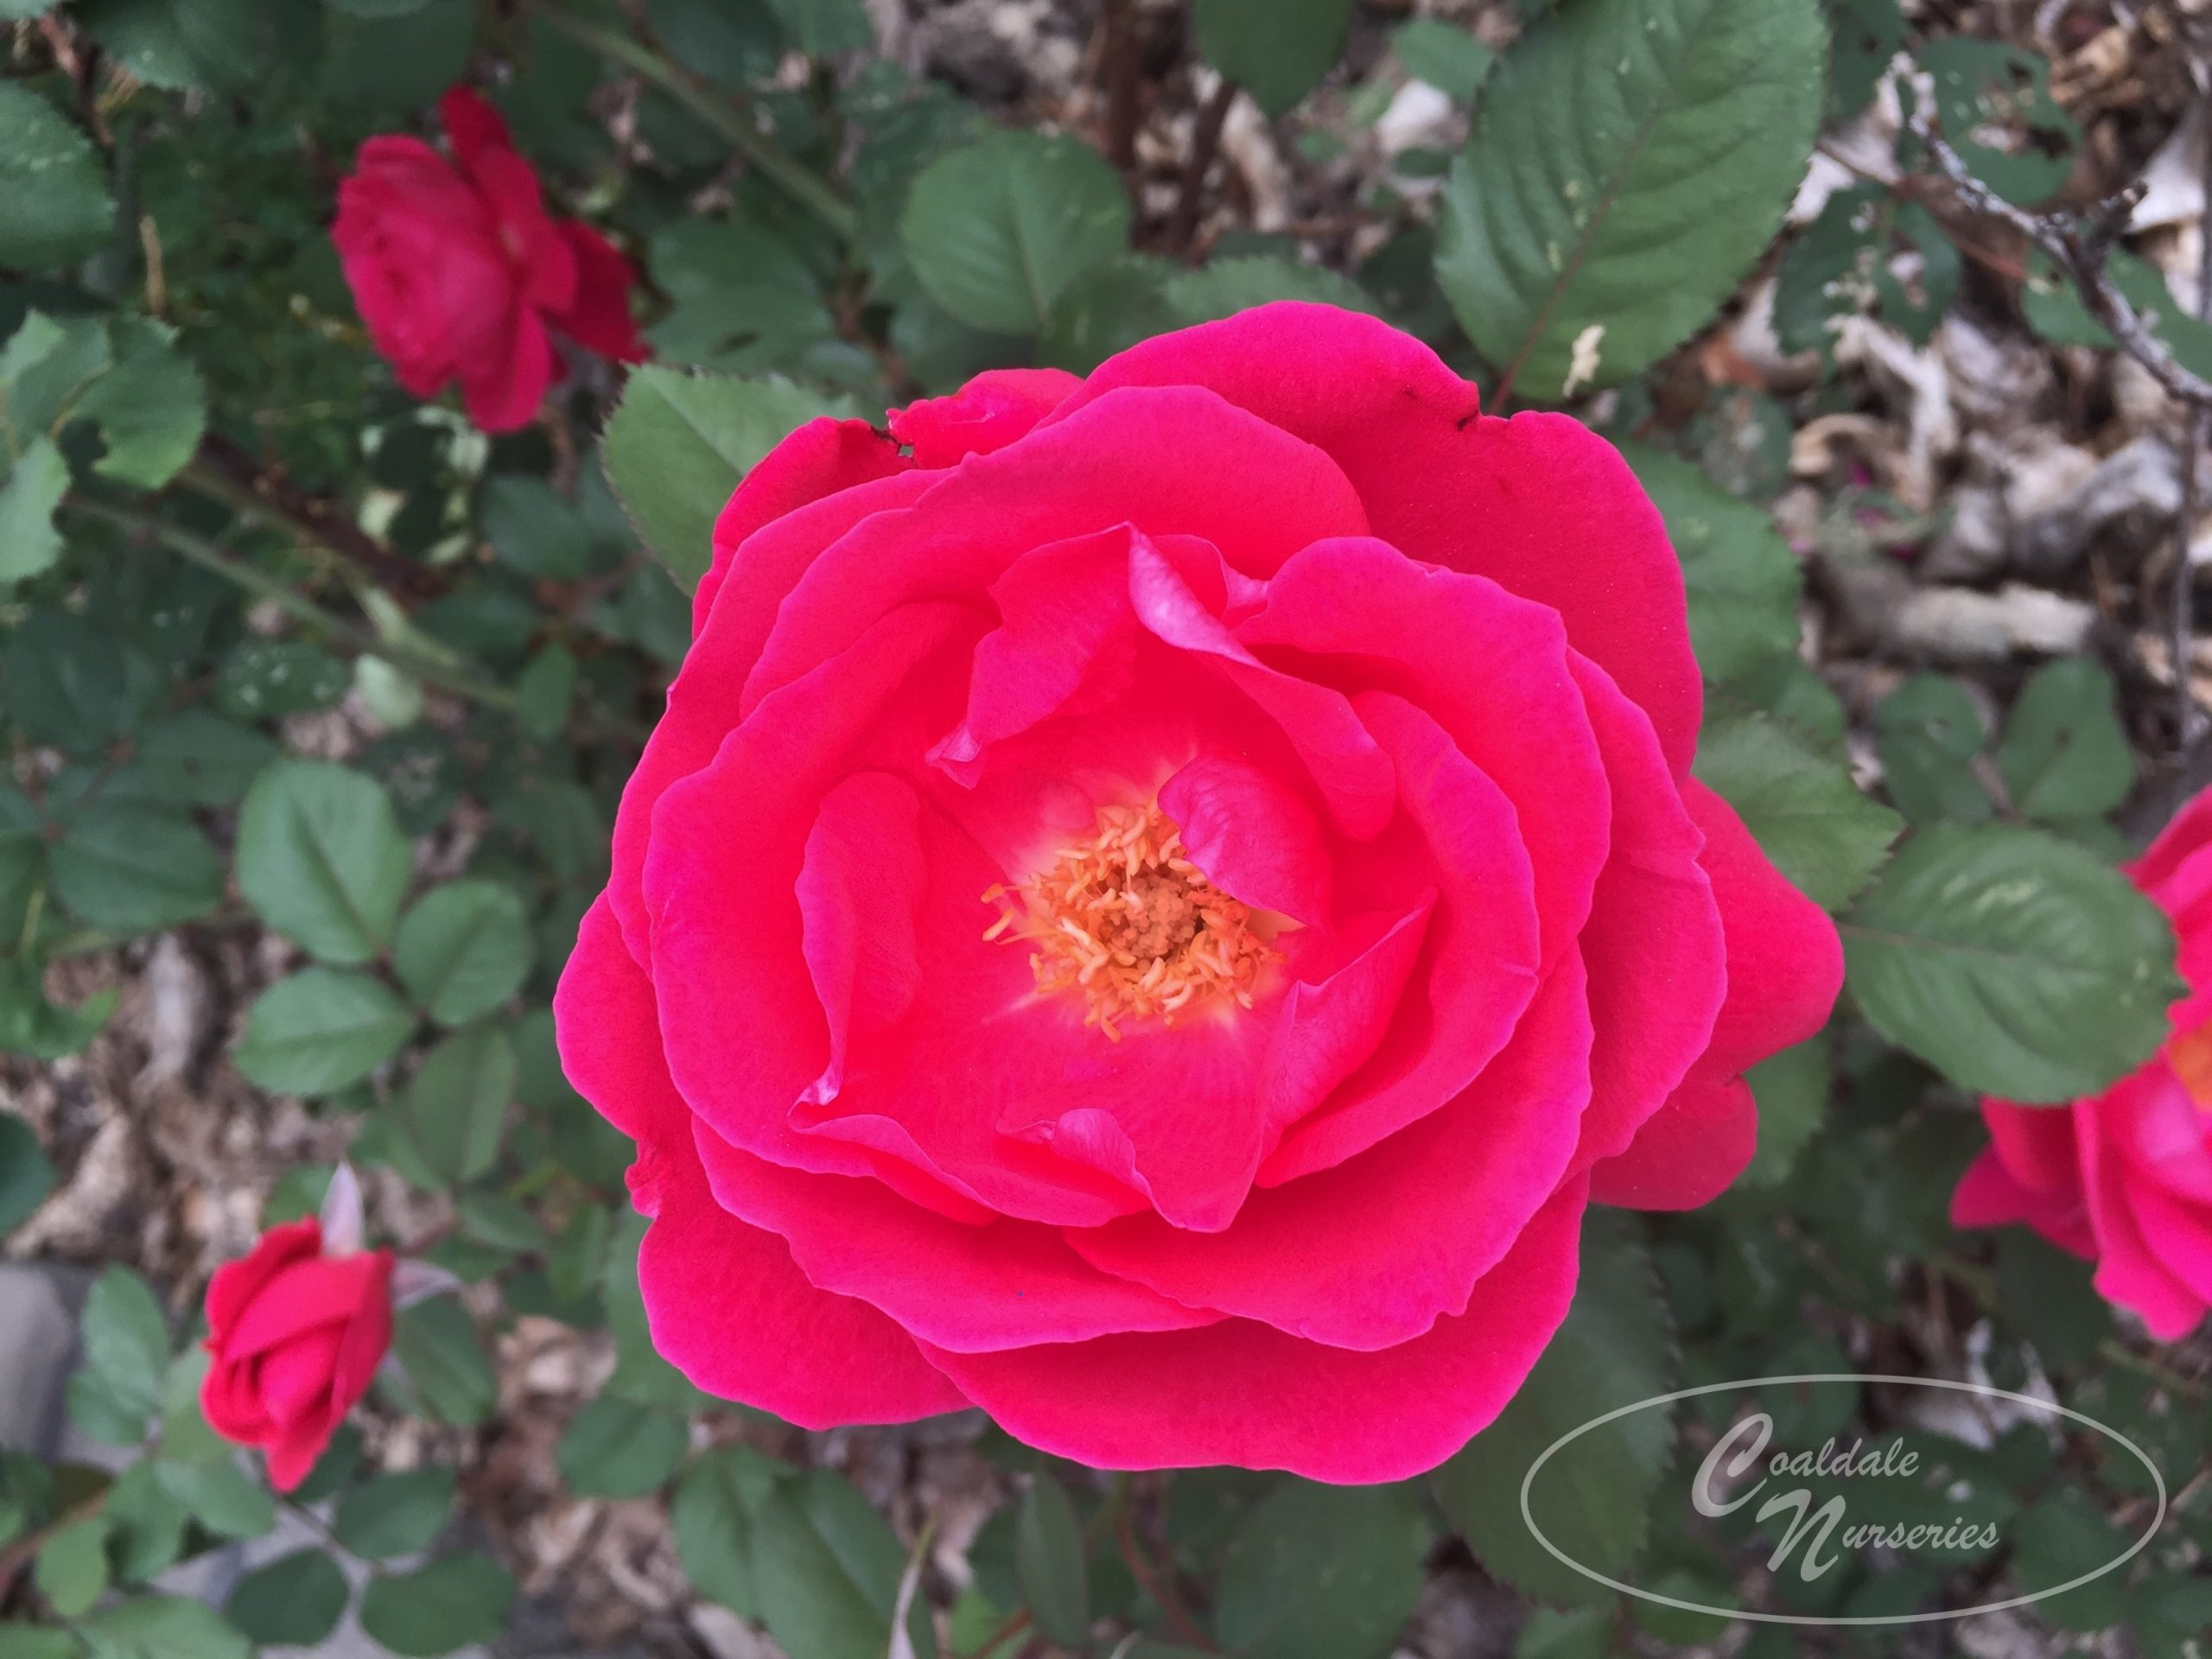 John Cabot Rose Image